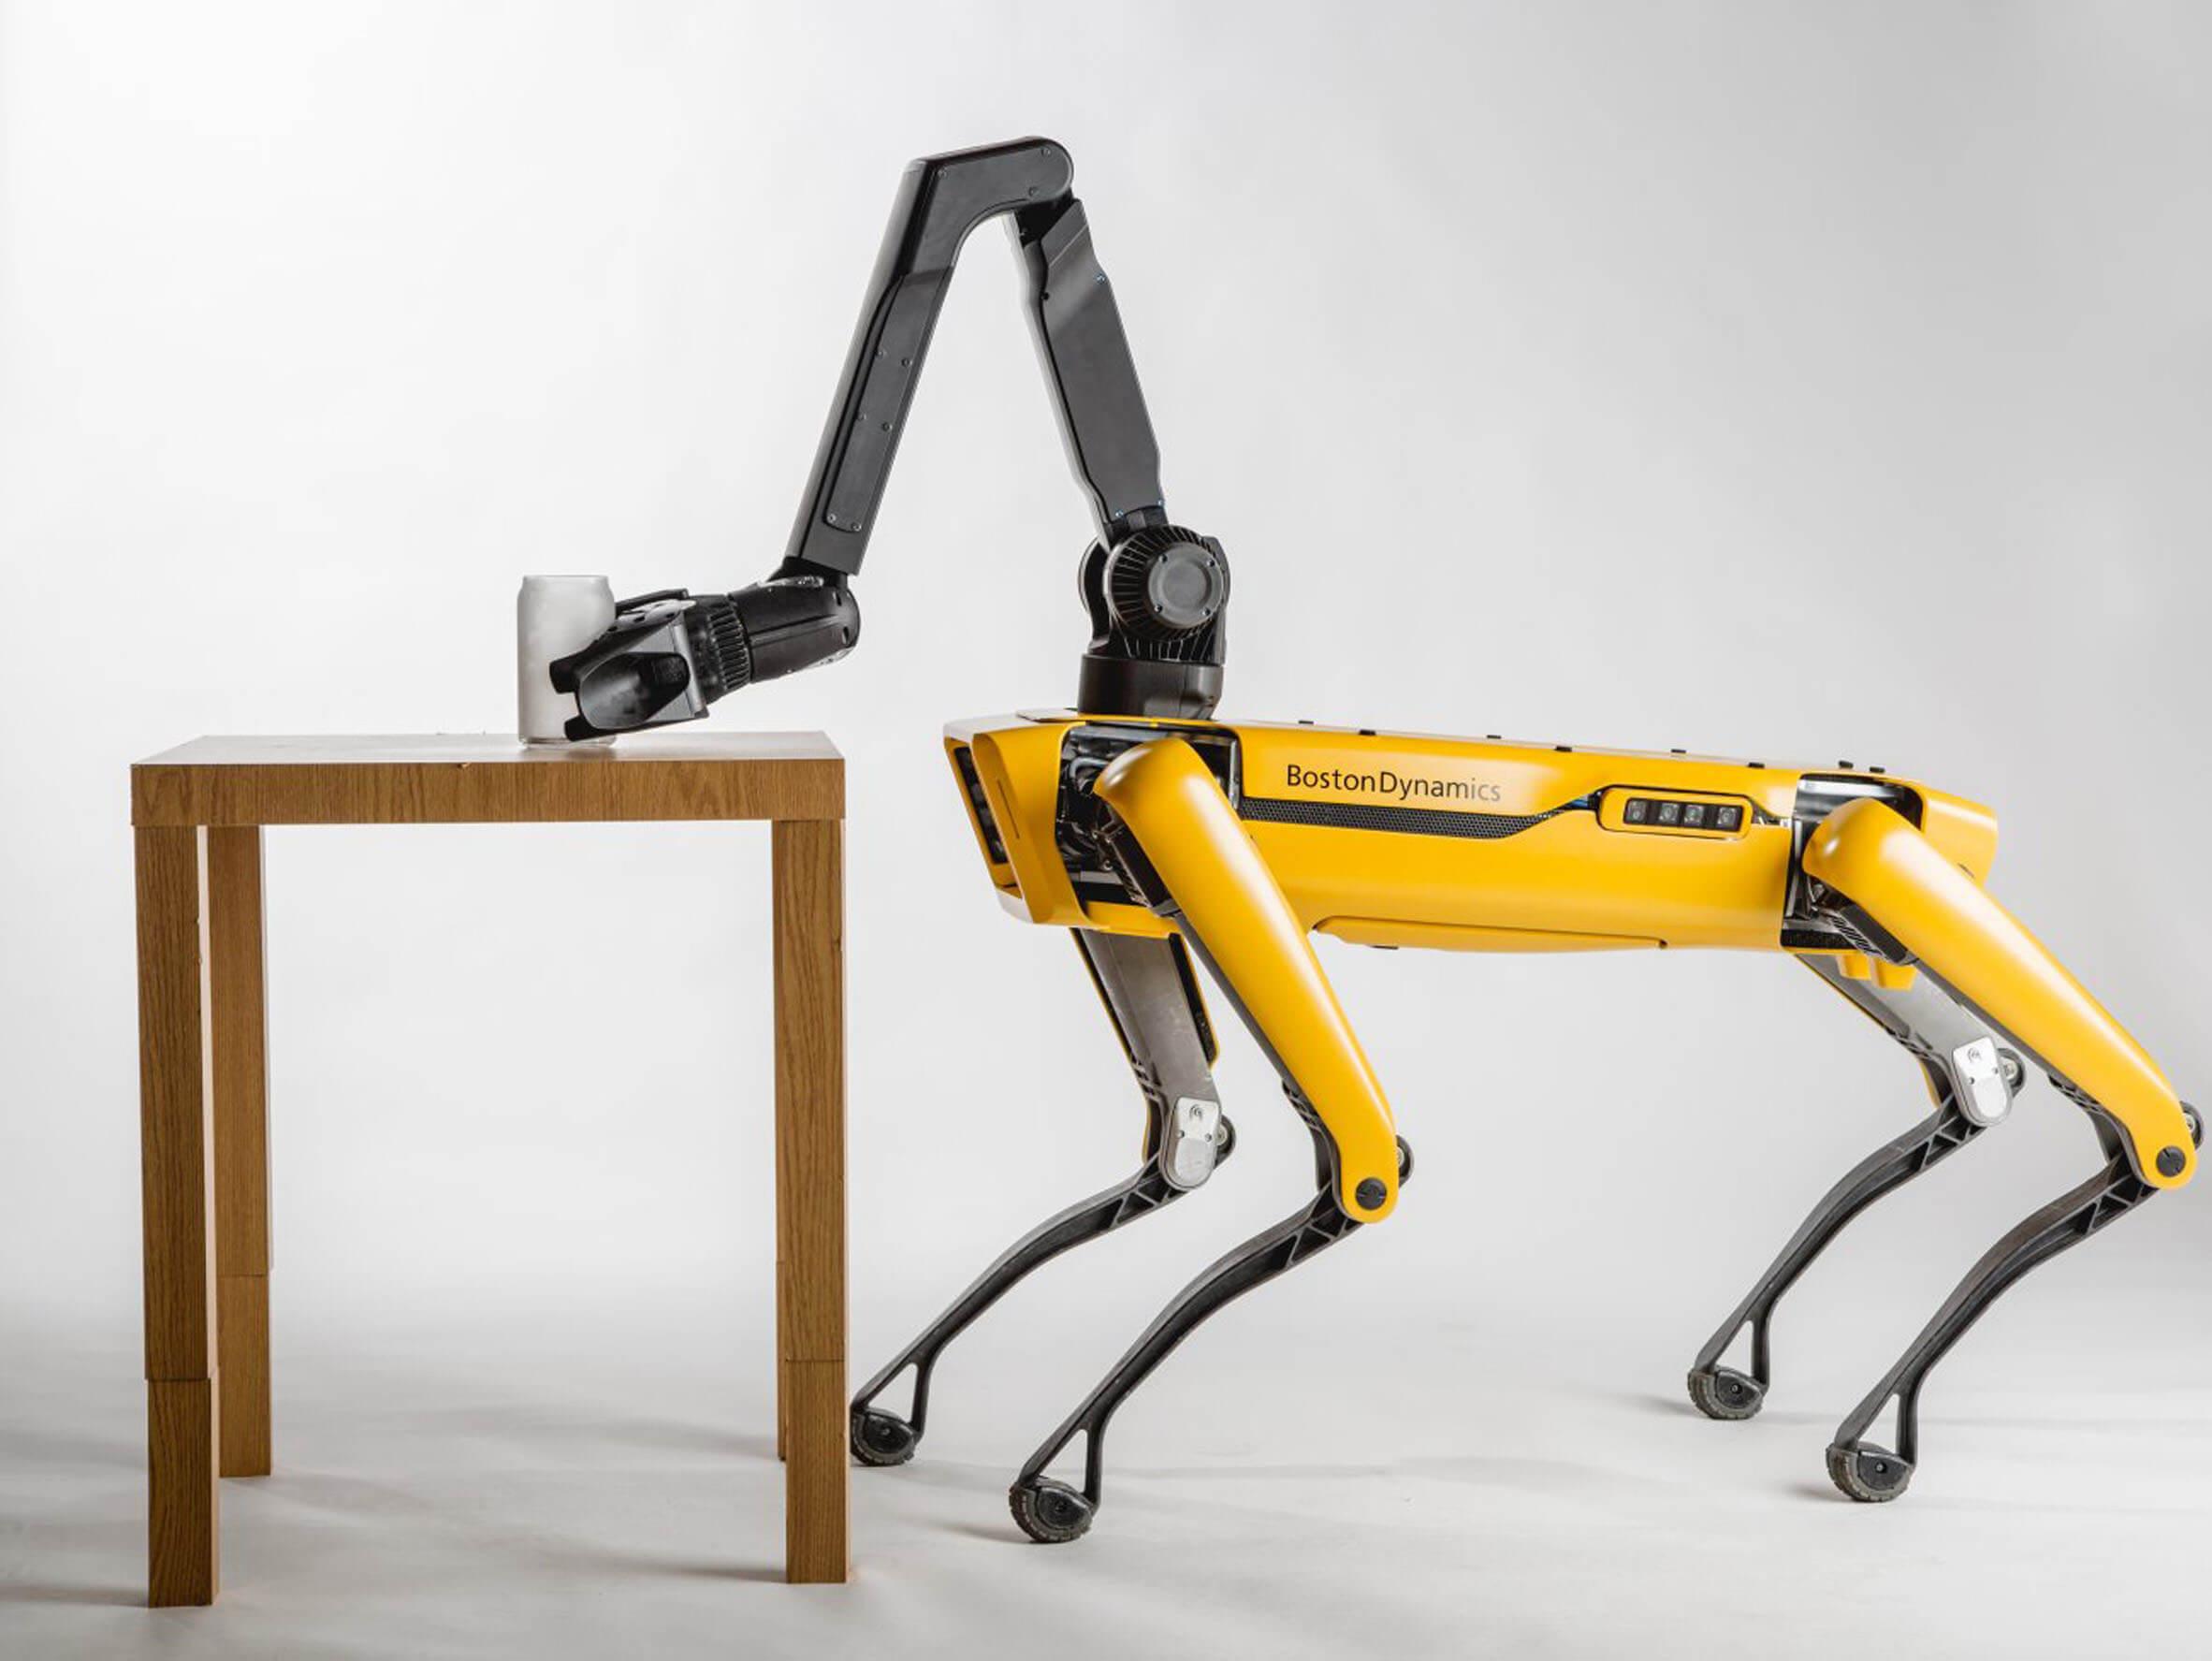 Boston Dynamics equipa con un brazo y mayor autonomía a Spot